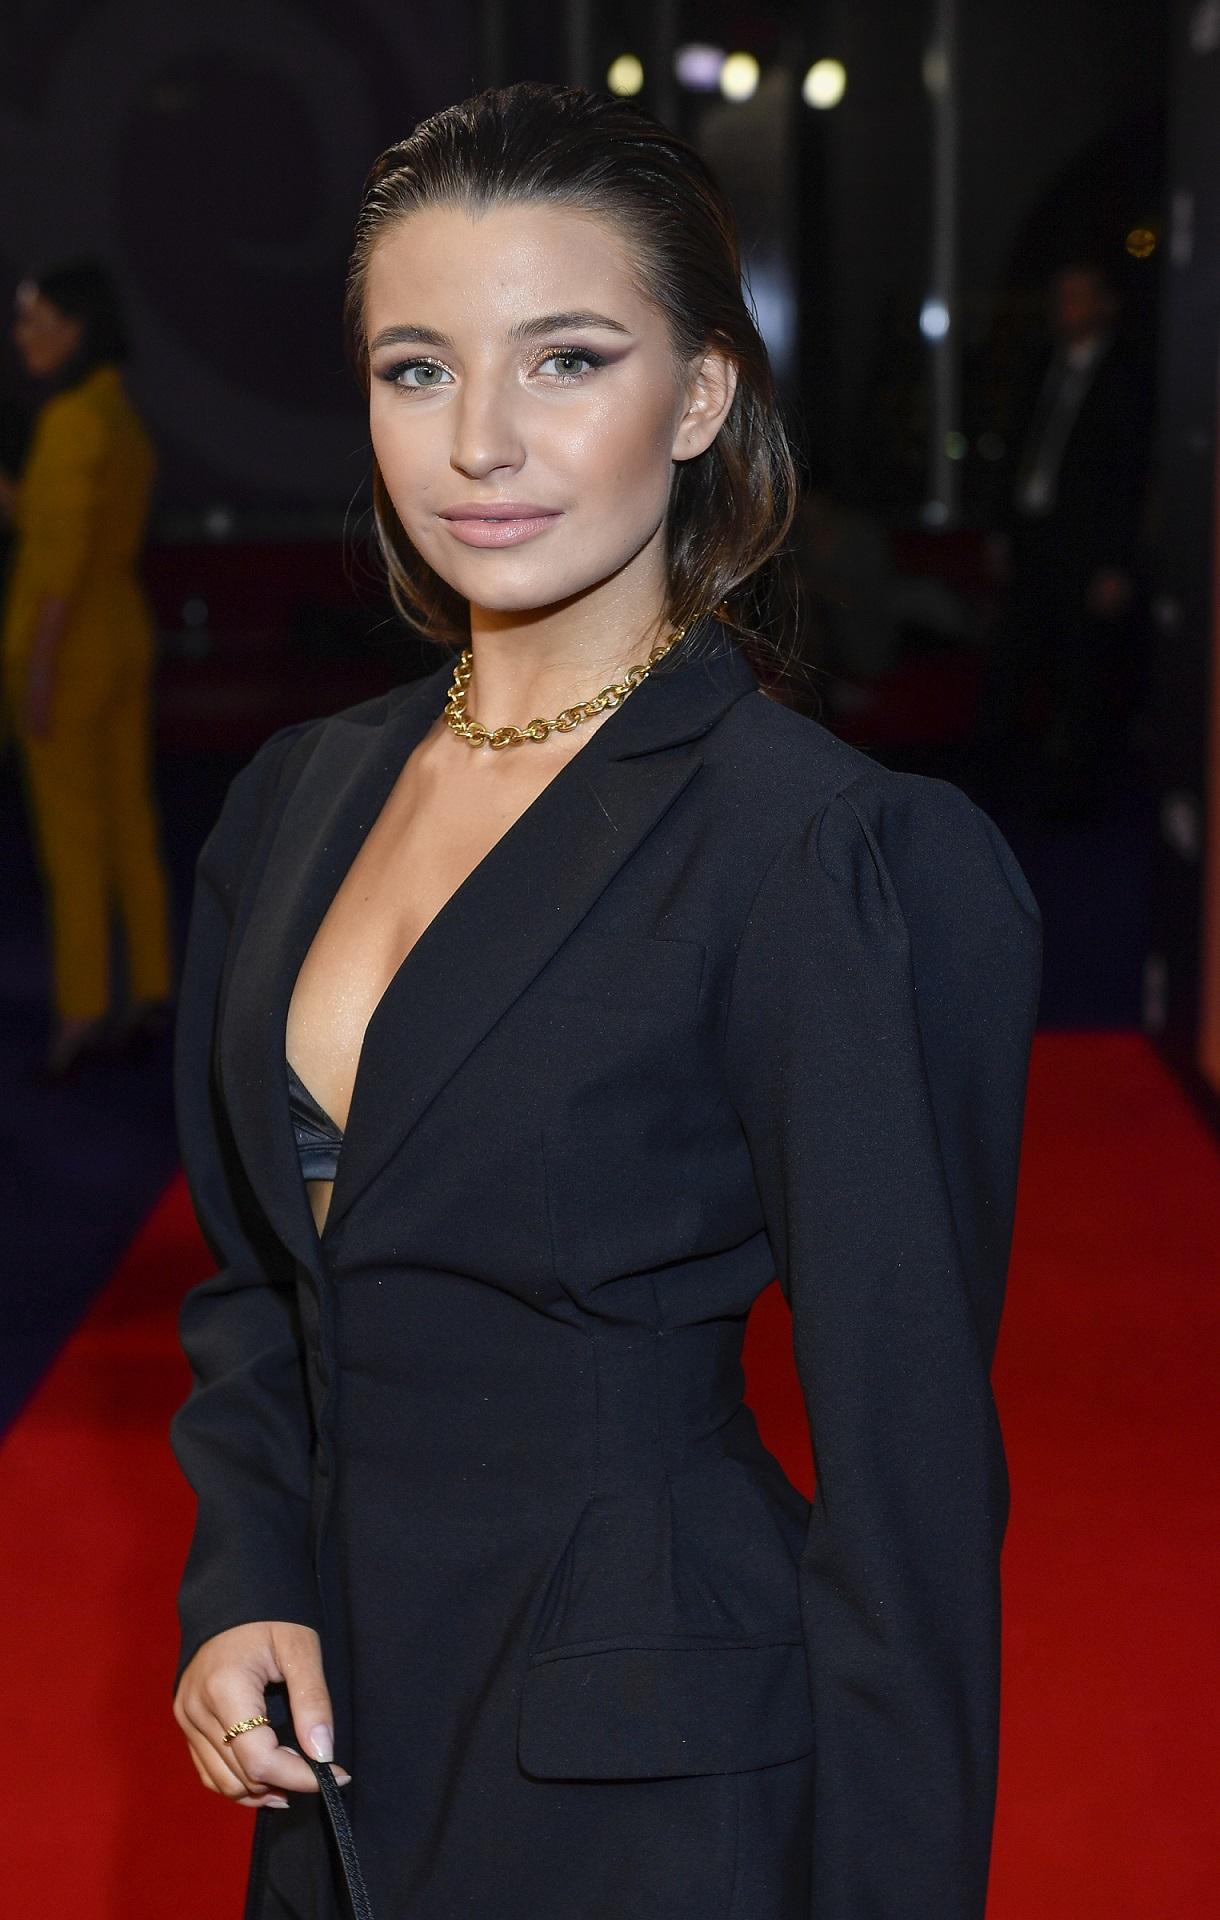 Julia Wieniawa w czarnym garniturze świeci stanikiem na czerwonym dywanie.